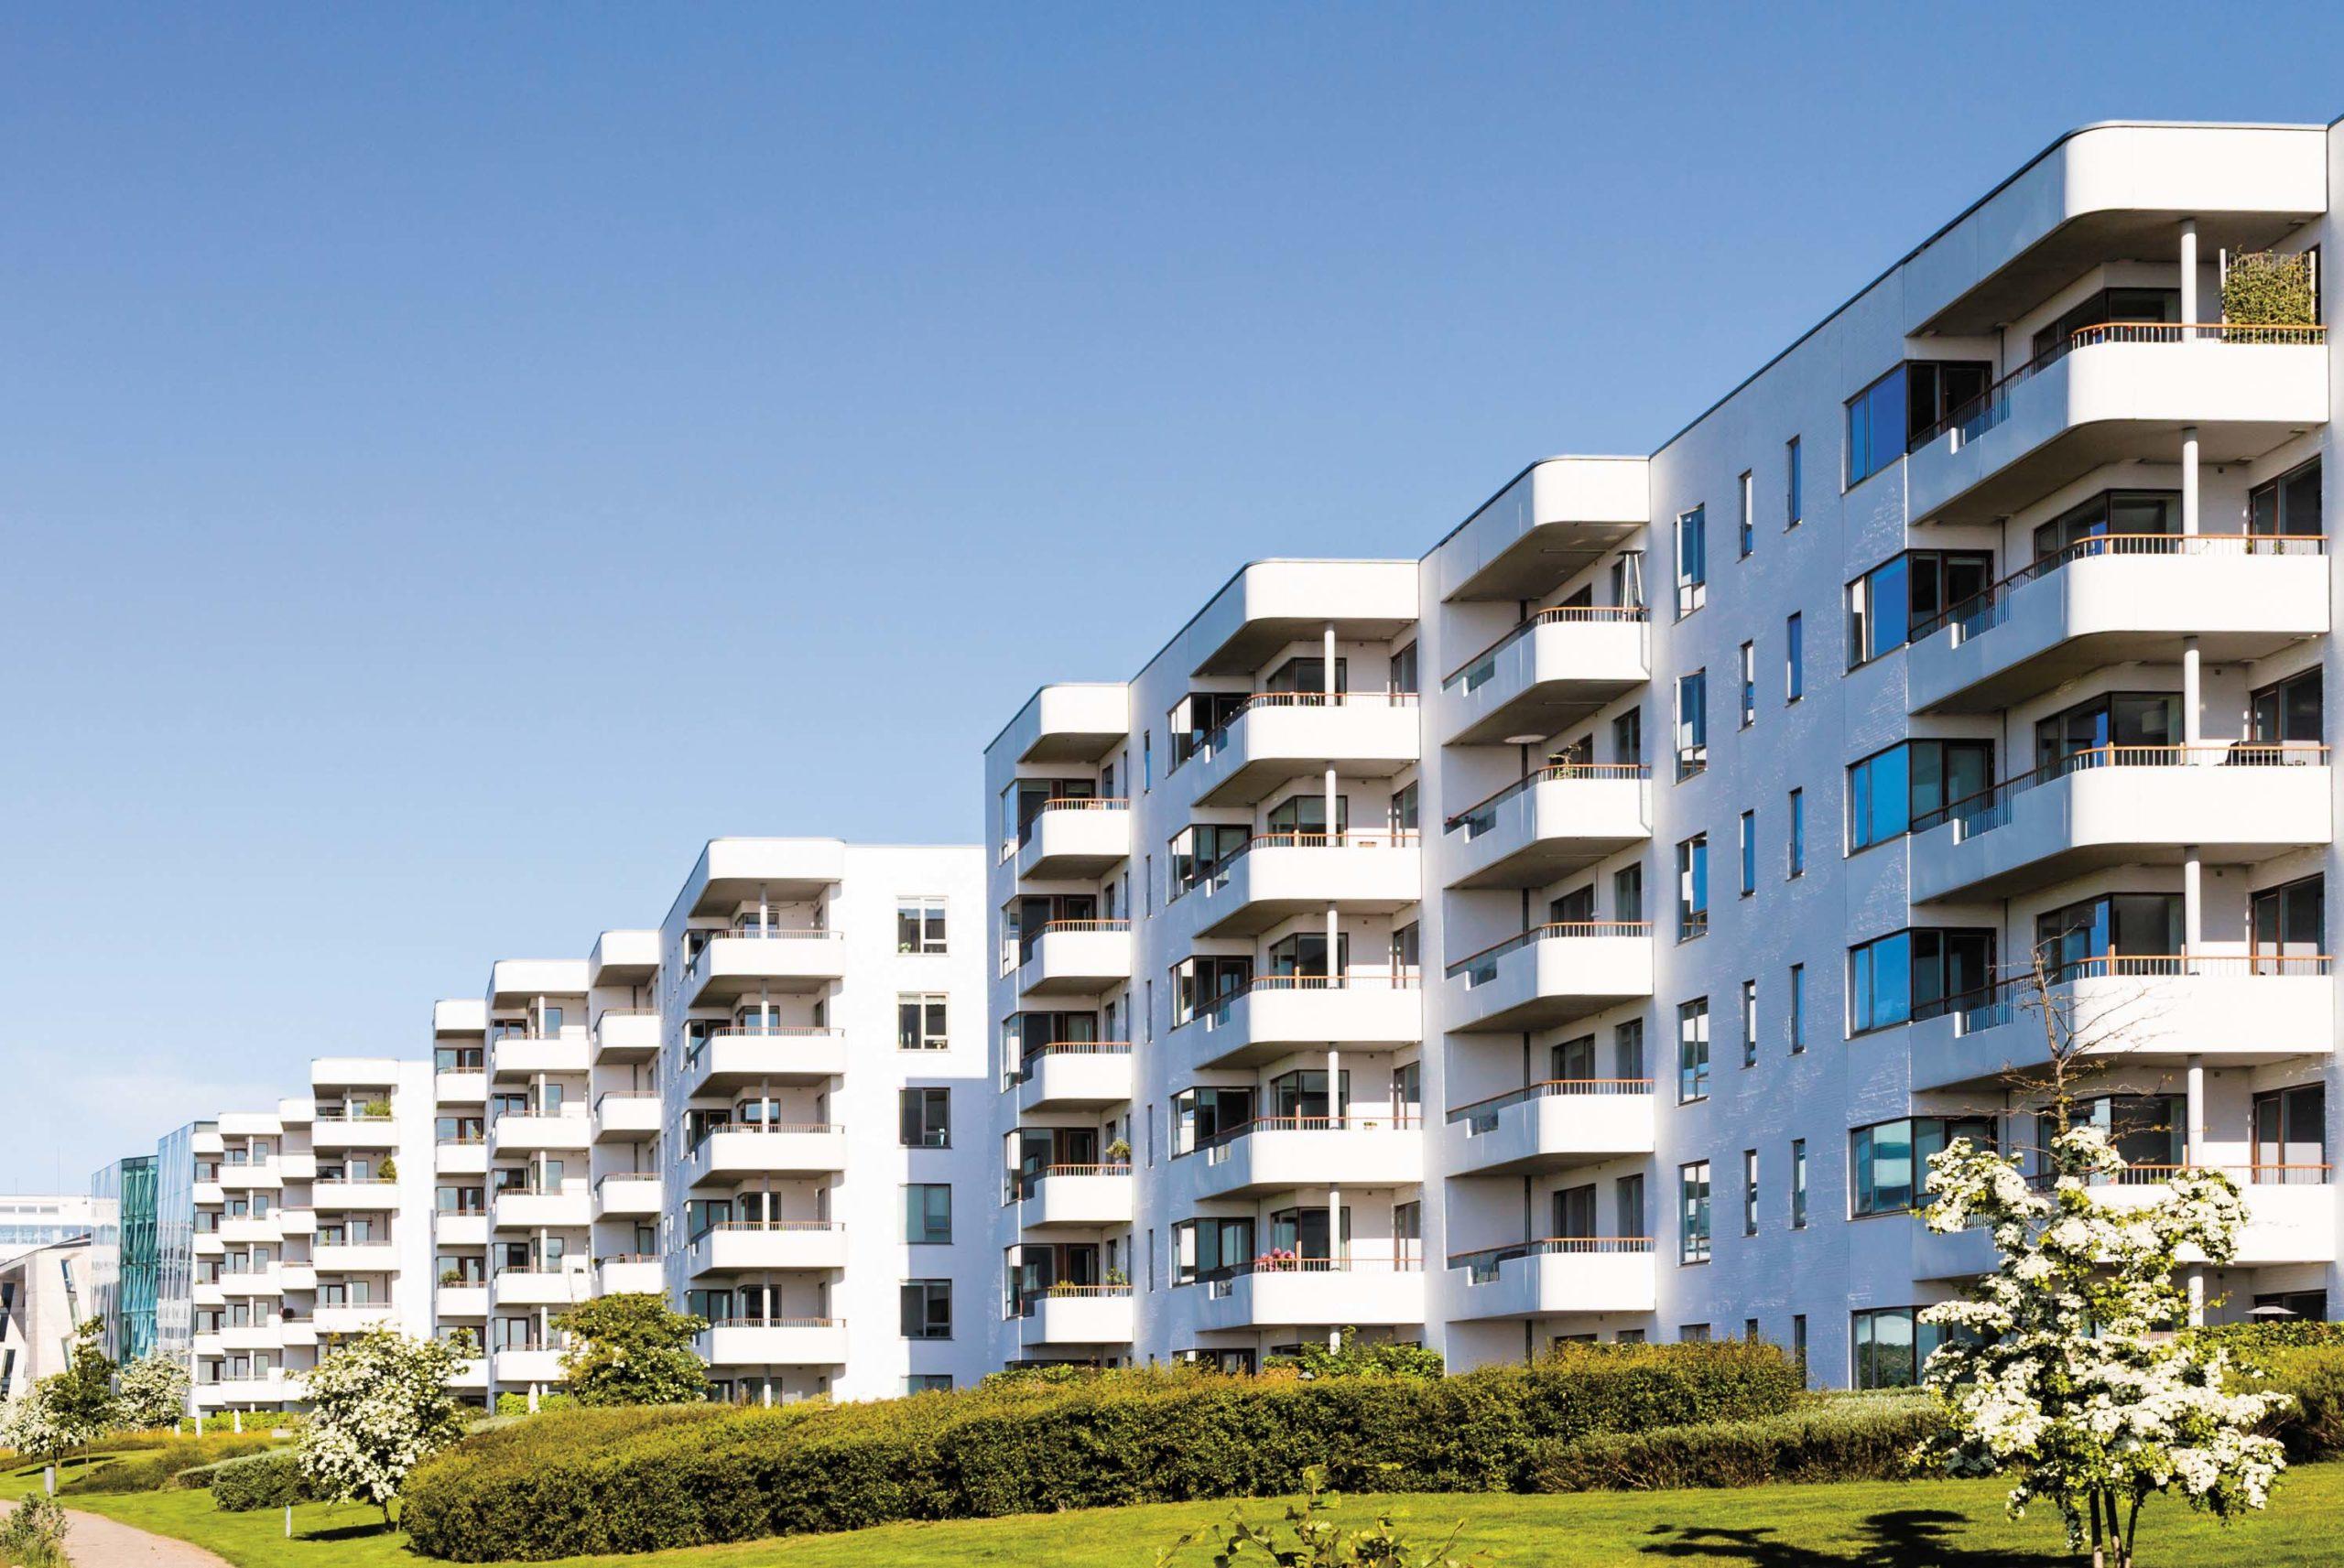 Rénovation énergétique d'une résidence collective